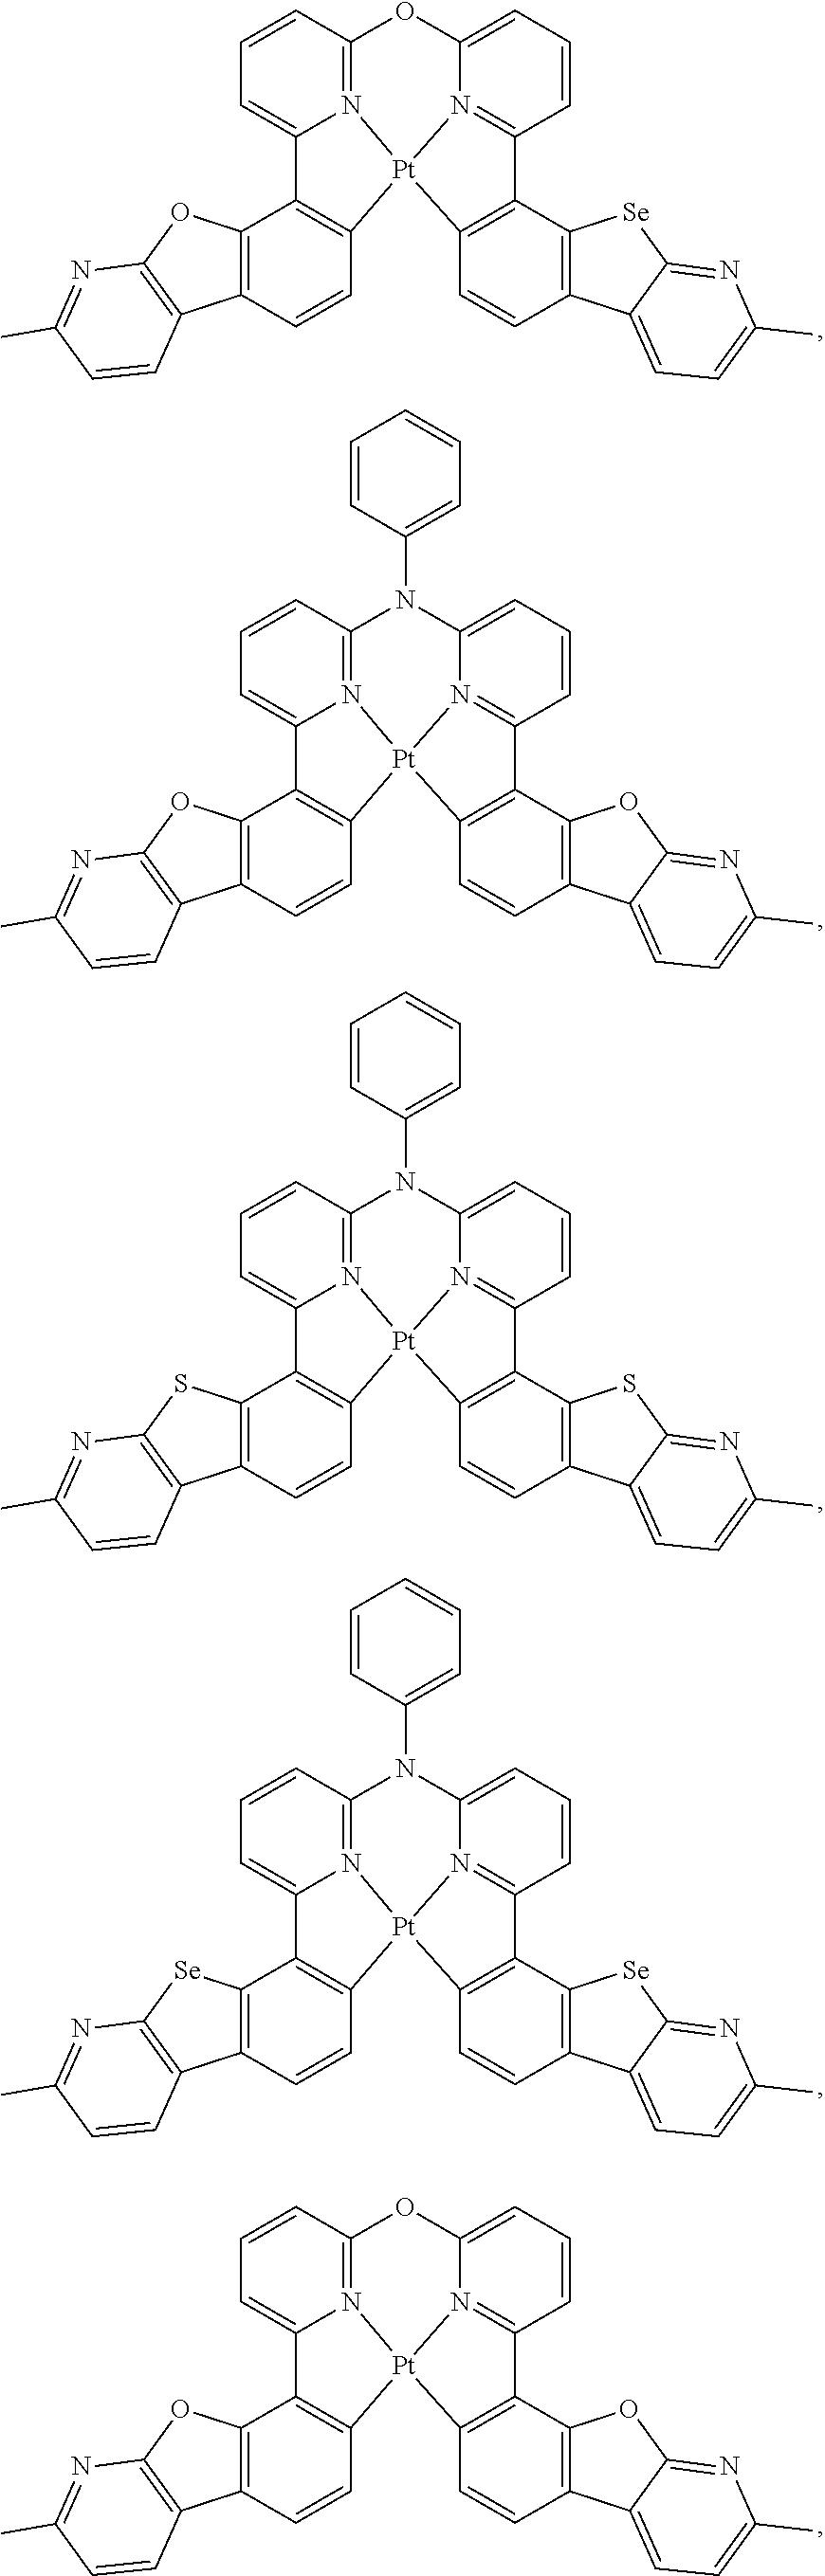 Figure US09871214-20180116-C00021